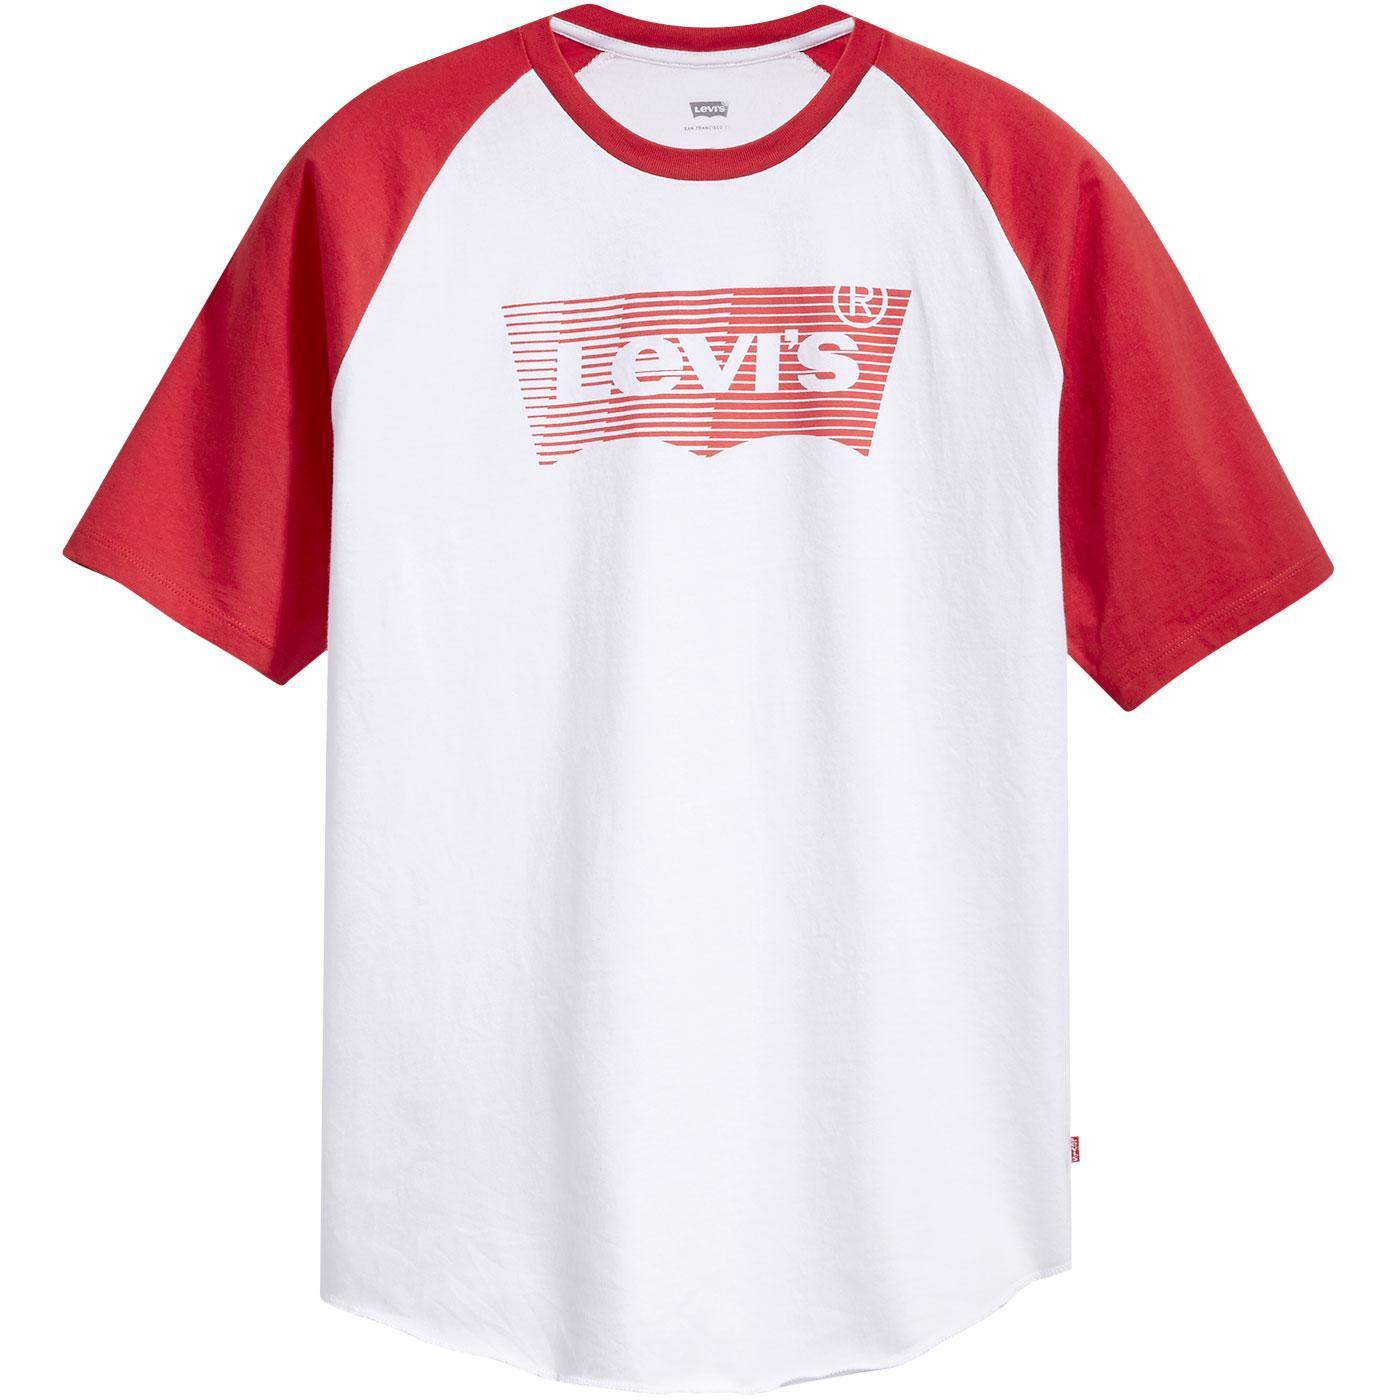 LEVI'S Mens Retro 60s Baseball T-Shirt White/Red